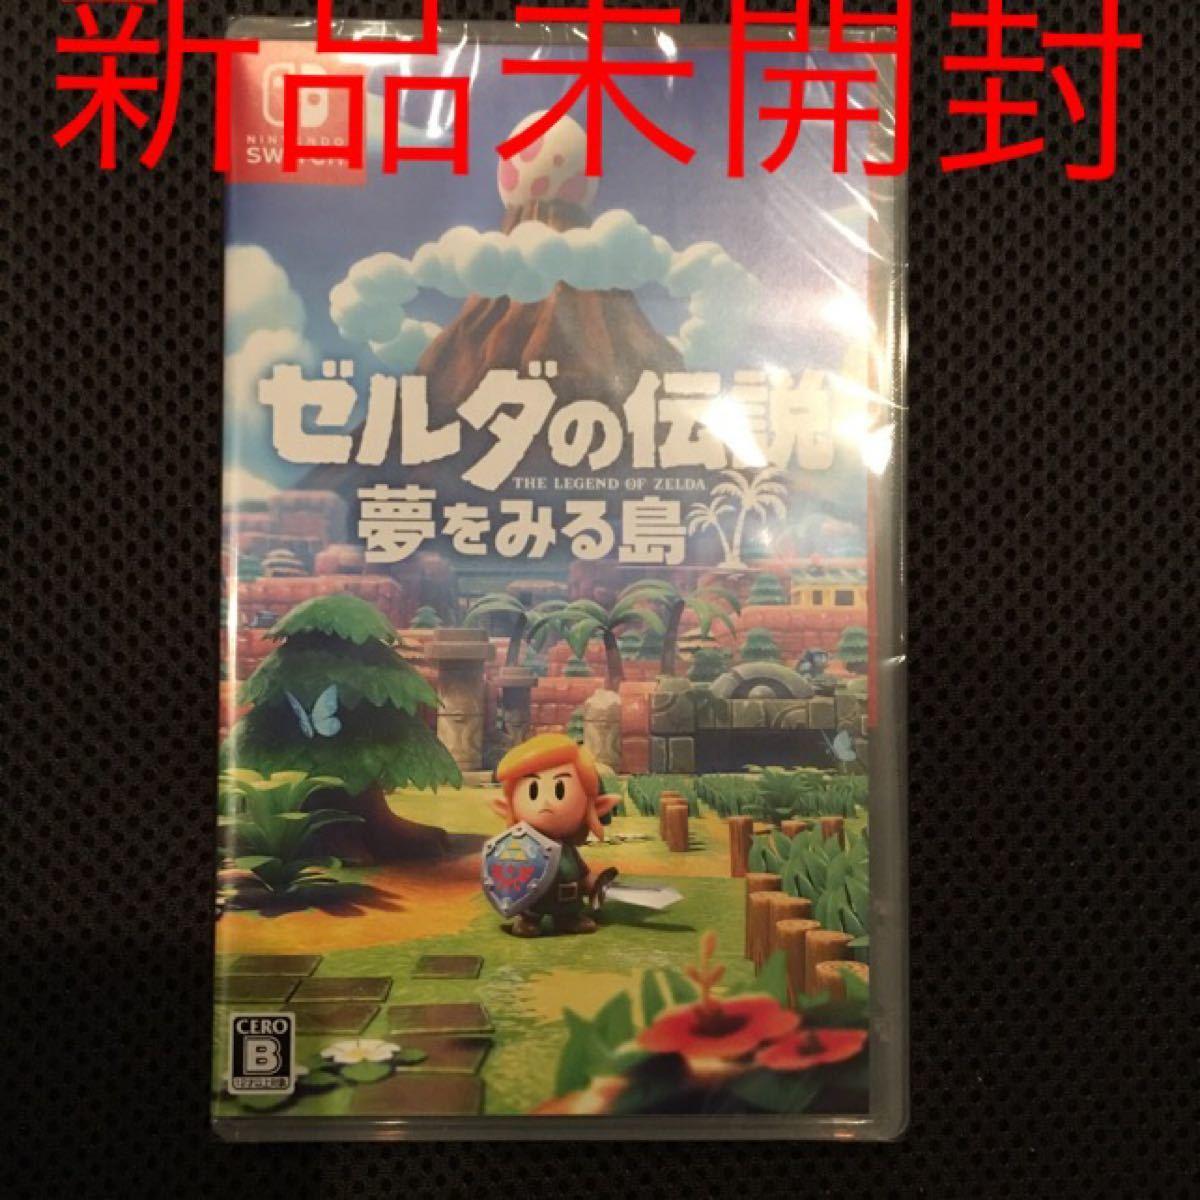 ゼルダの伝説 夢をみる島 Nintendo Switch 新品未開封